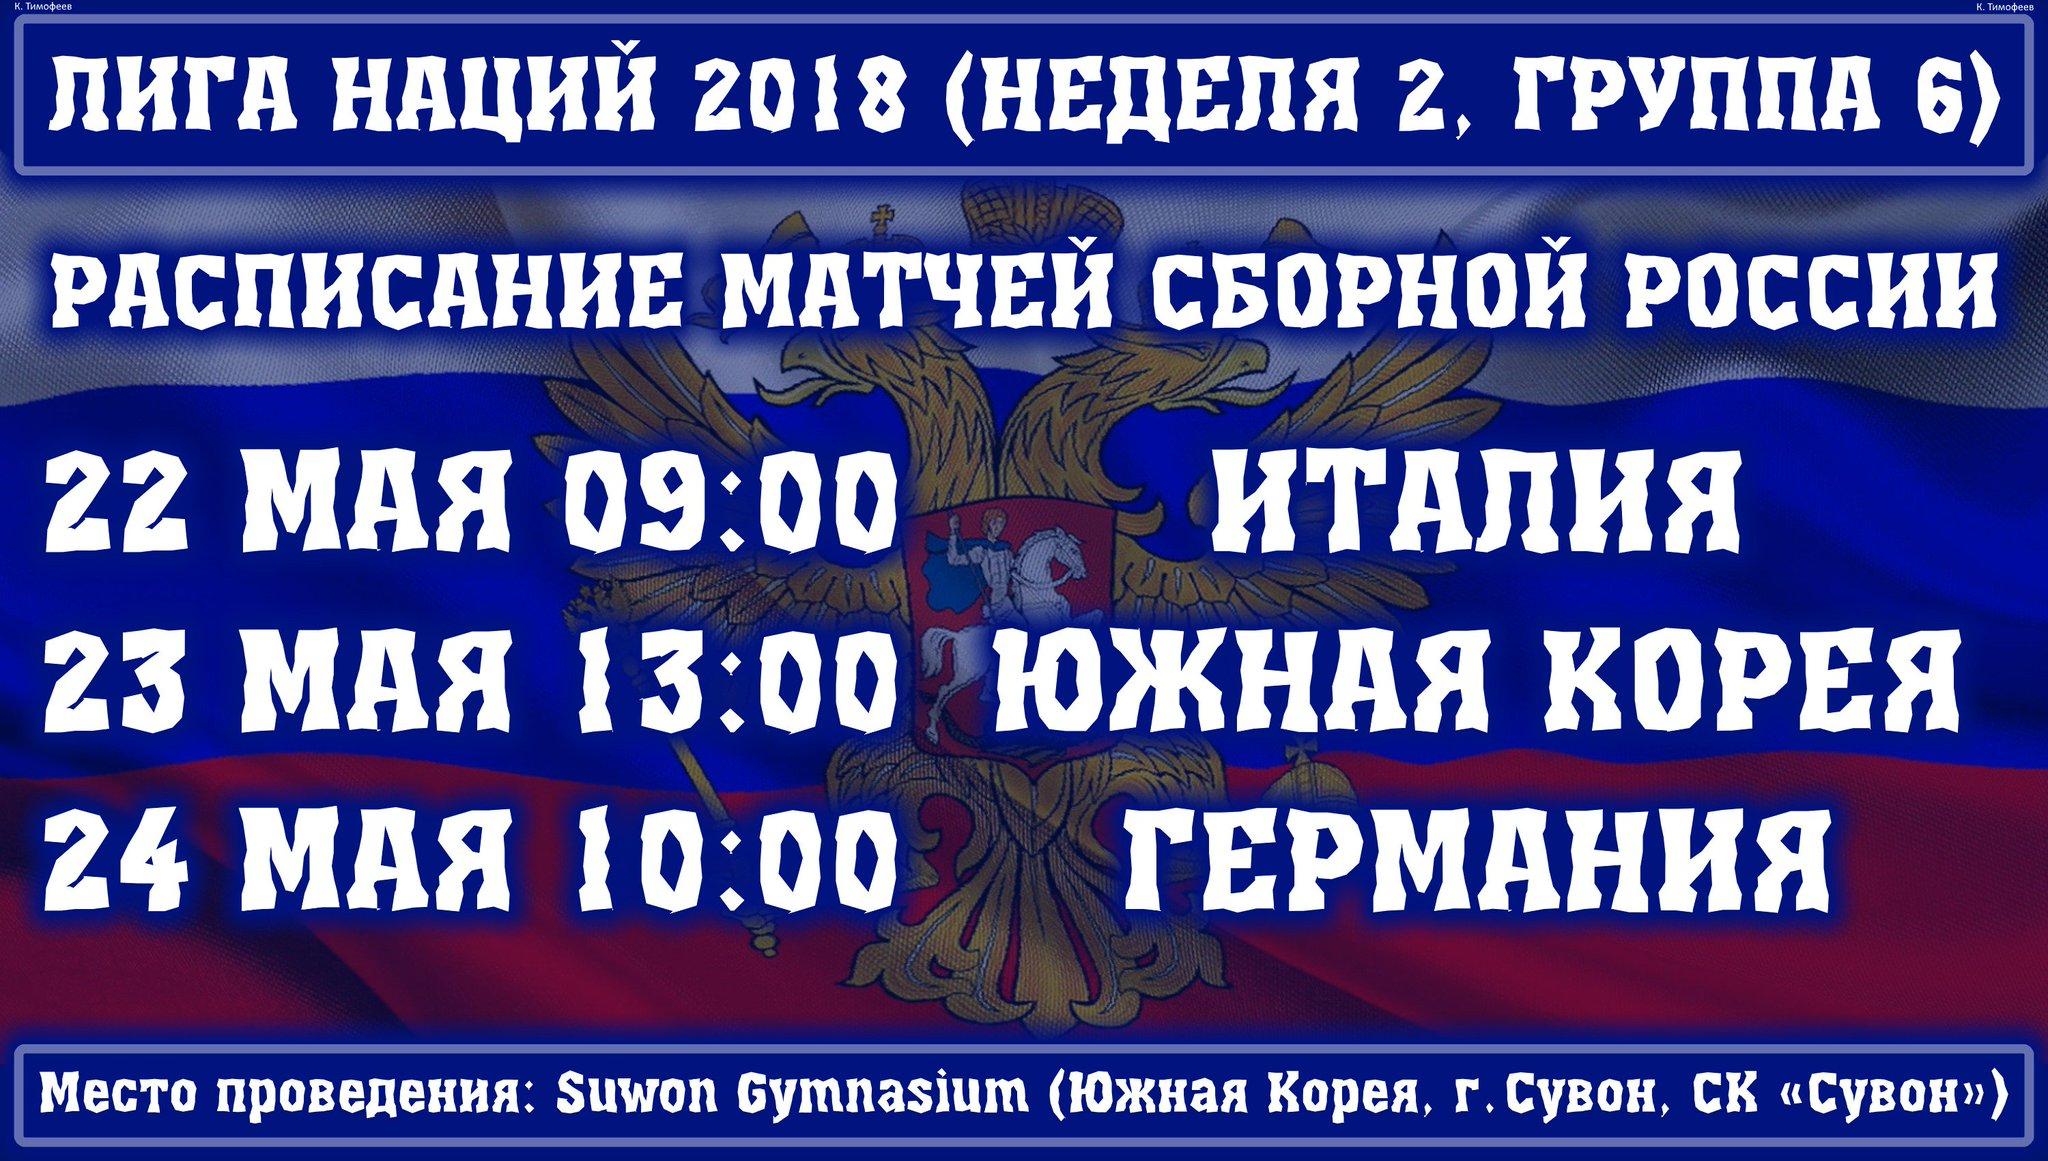 волейбольный клуб динамо москва расписание матчей